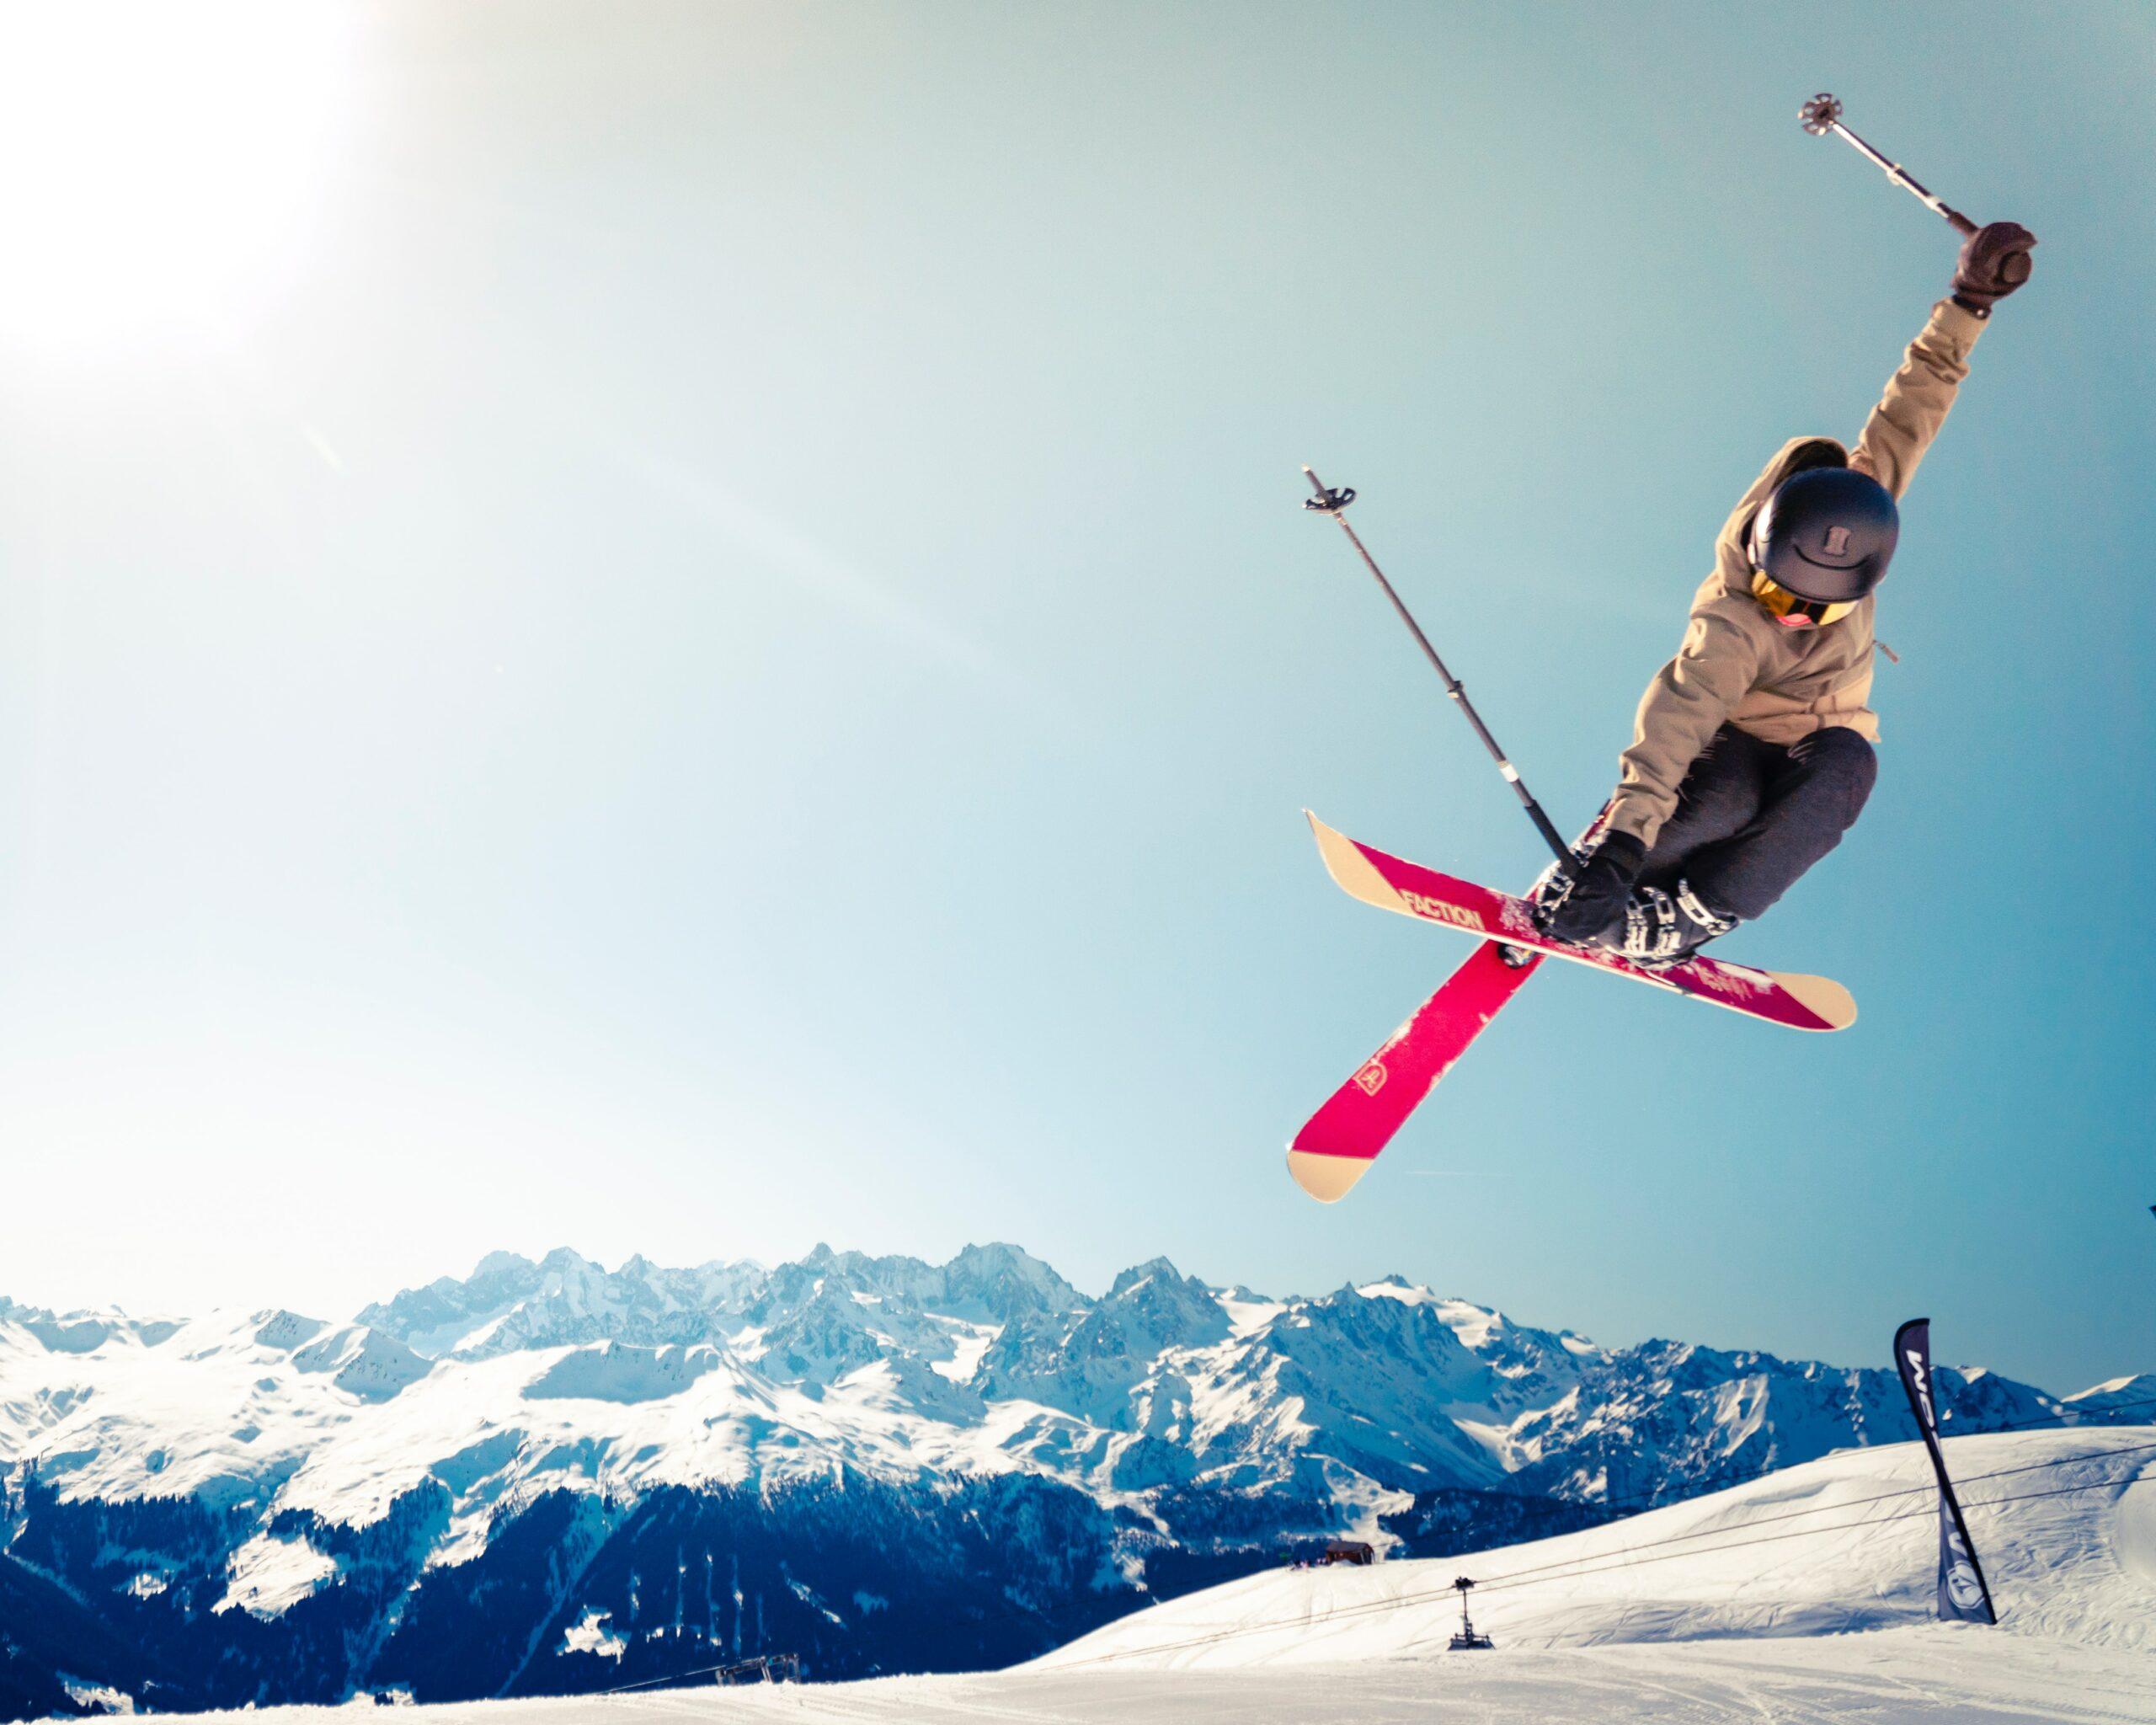 Skidor in action. Foto av Sebastian Staines